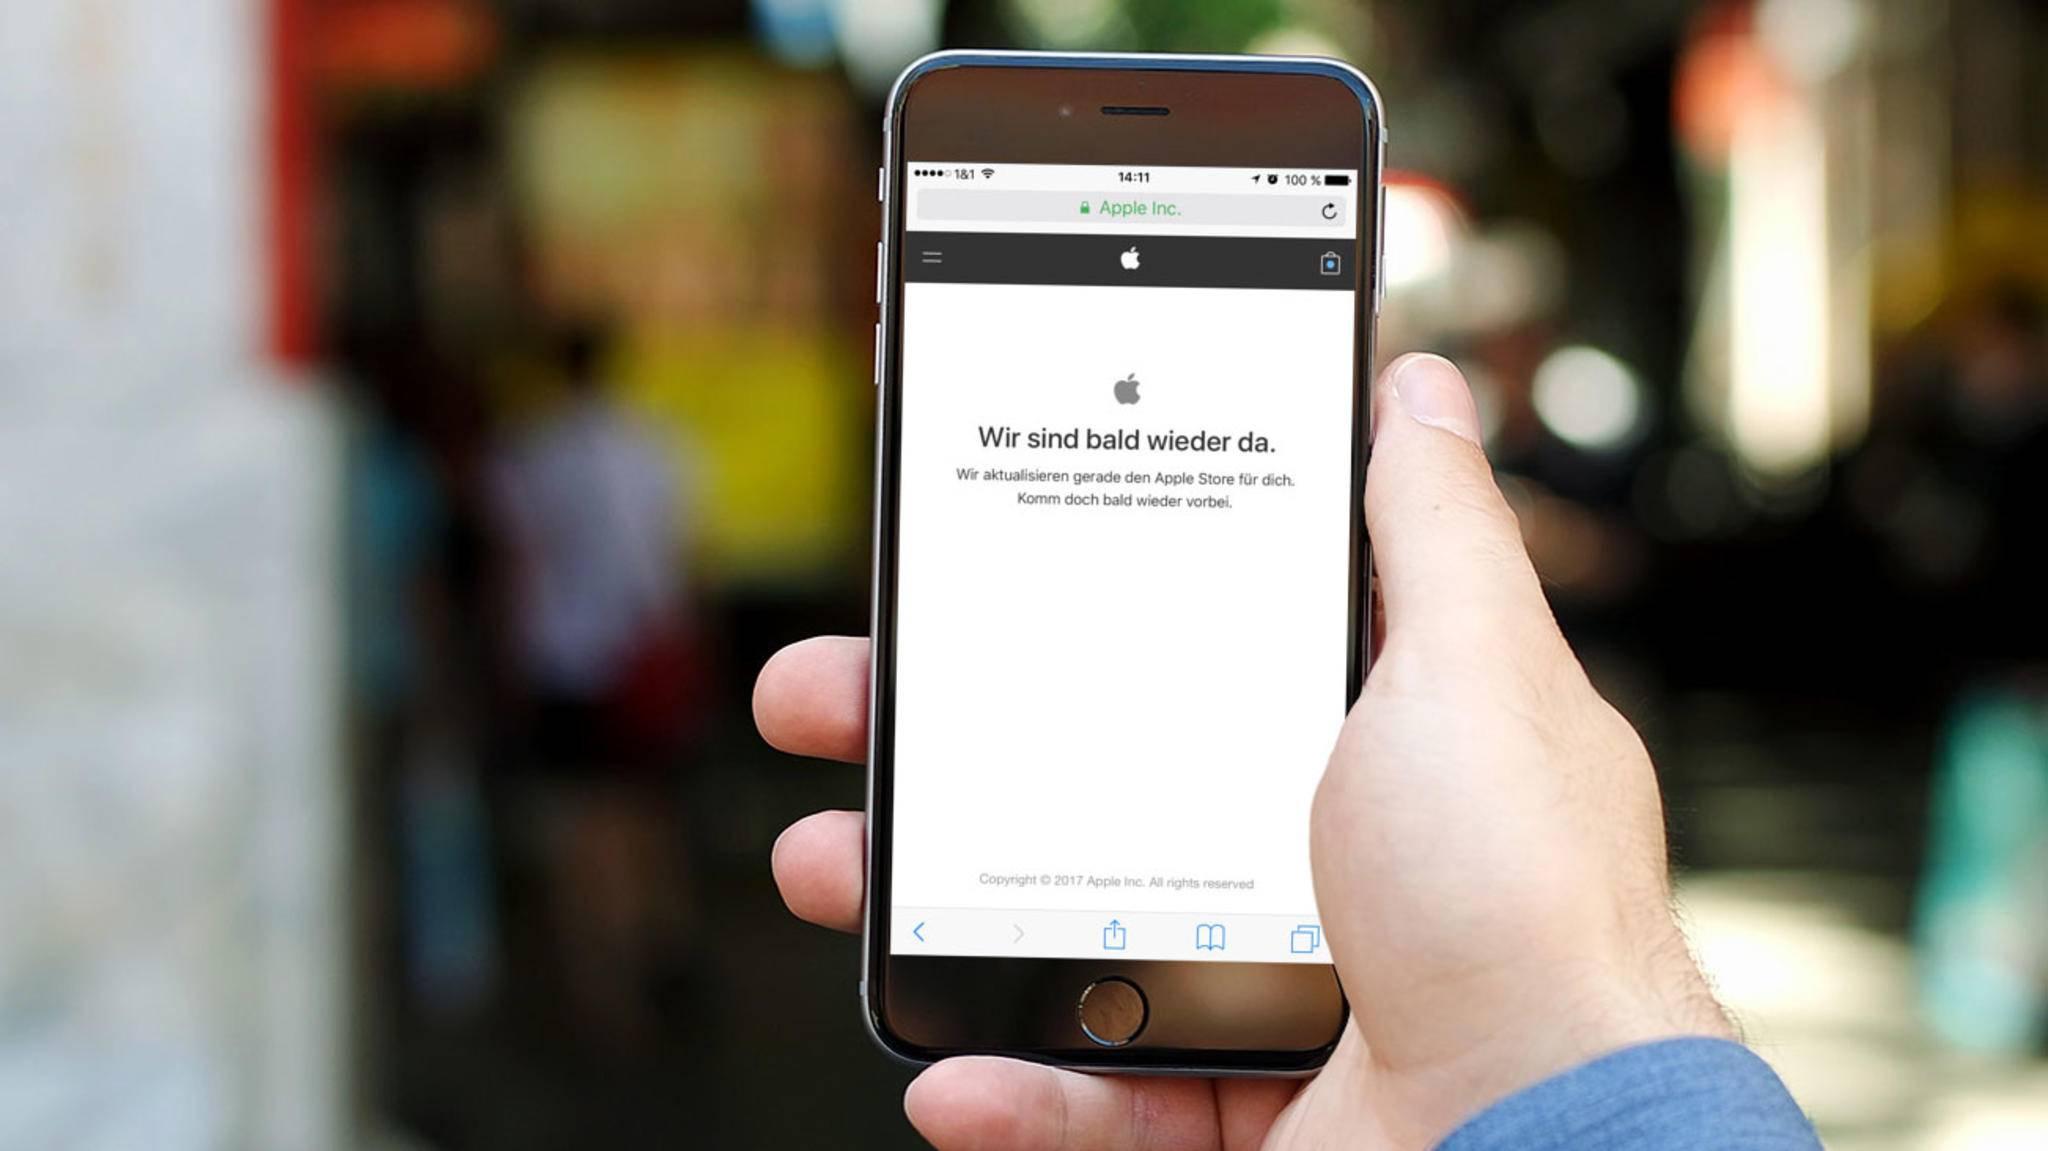 Es geht los: Apple aktualisiert seinen Store und wird kurz nach der Keynote die neuen iPhones online stellen.